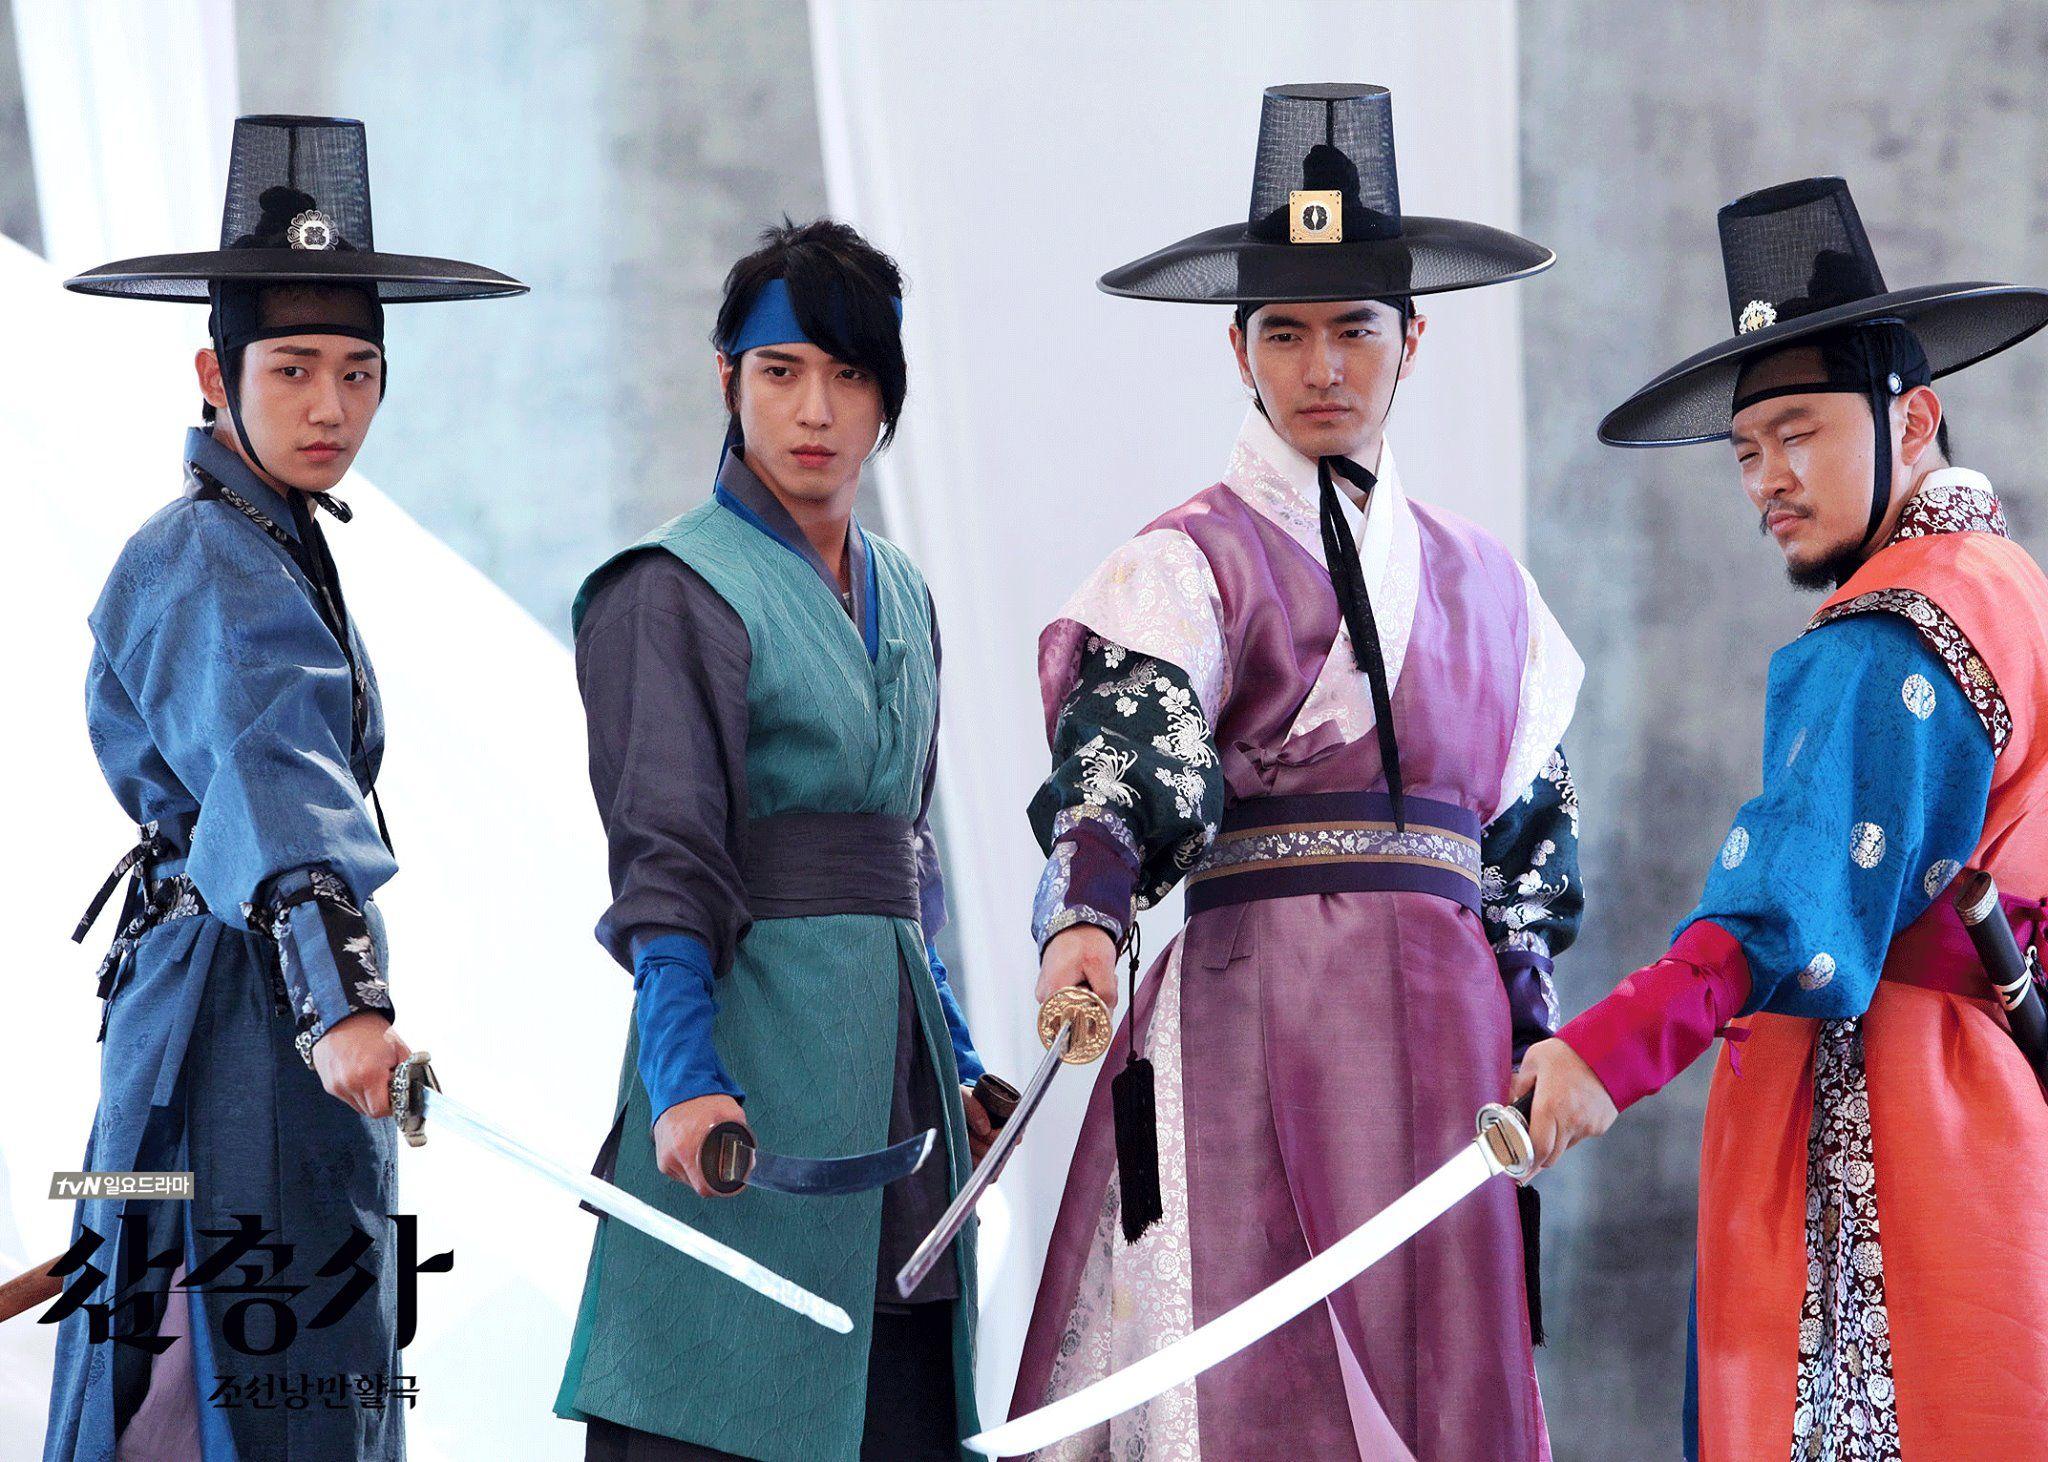 lee jin wook | Malak Angel | The three musketeers, Korean drama, Musketeers